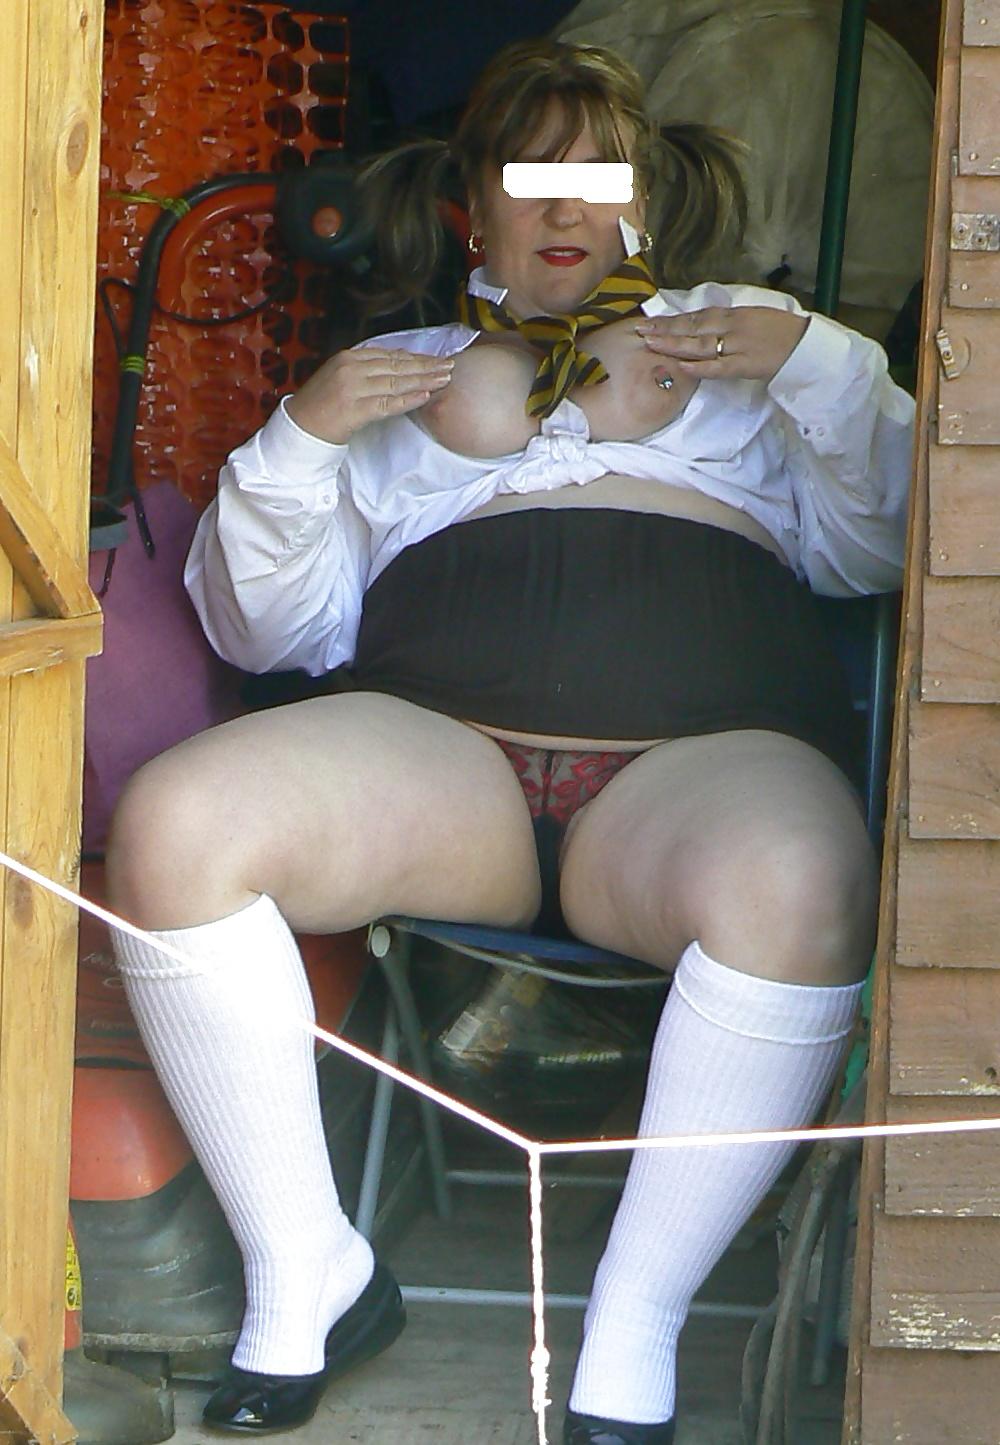 Amateur schoolgirl pics-6413